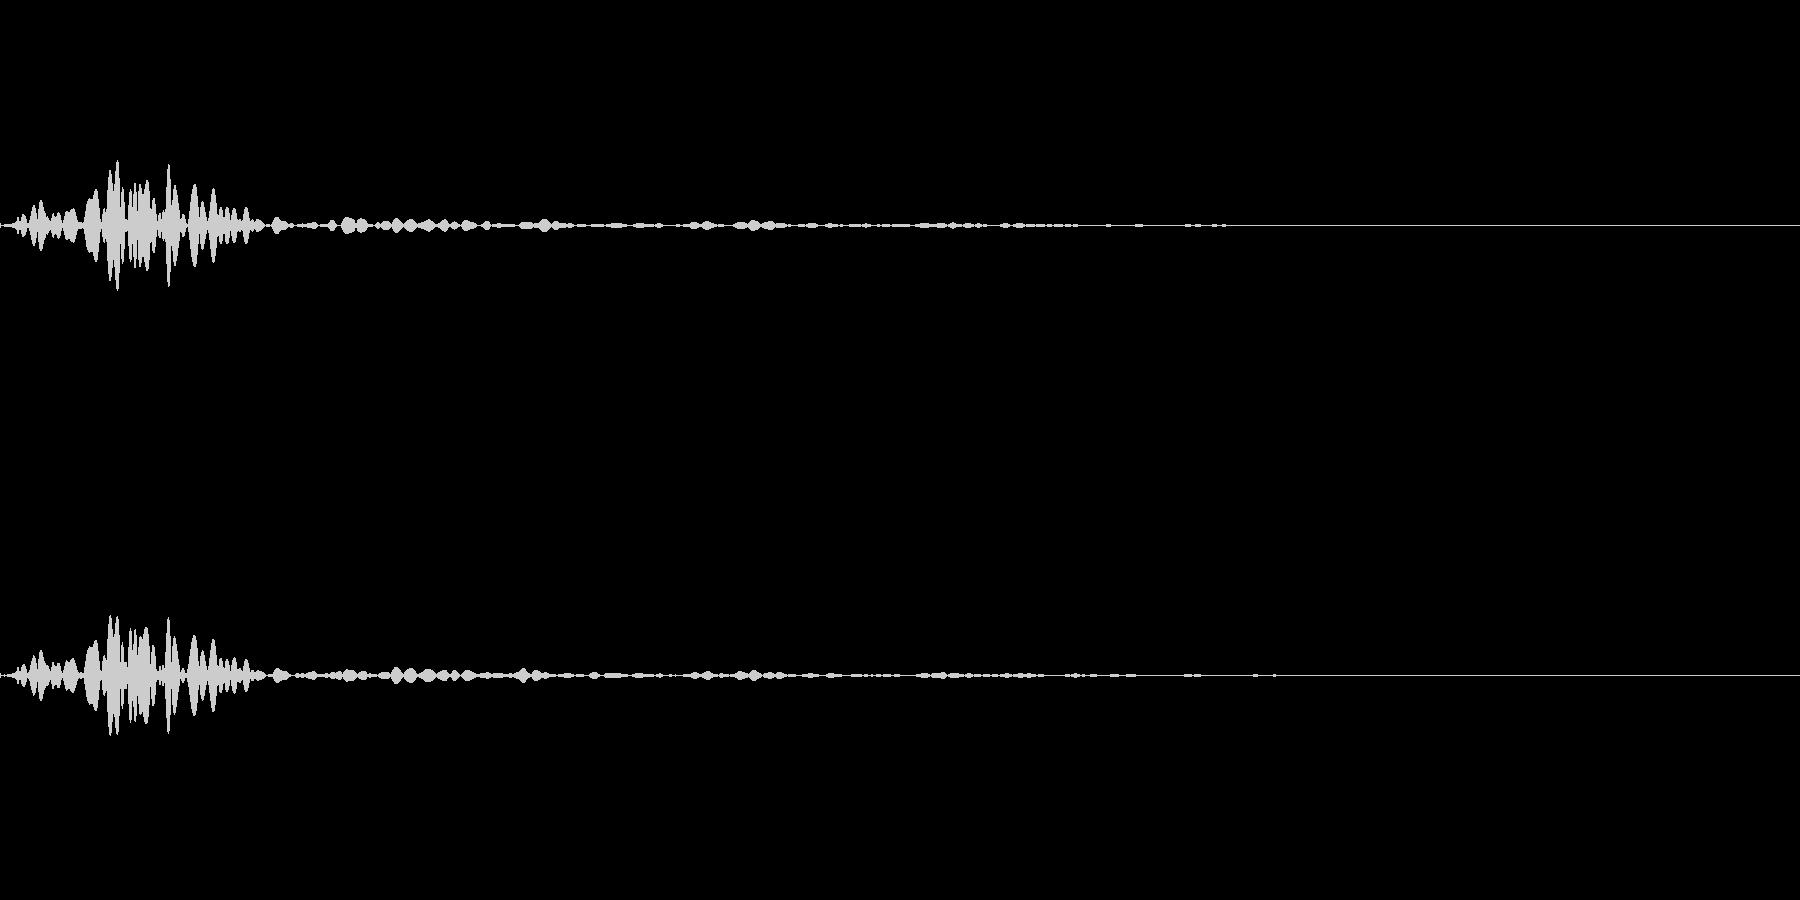 アイコン出現音(ボッ・ボンッ)の未再生の波形